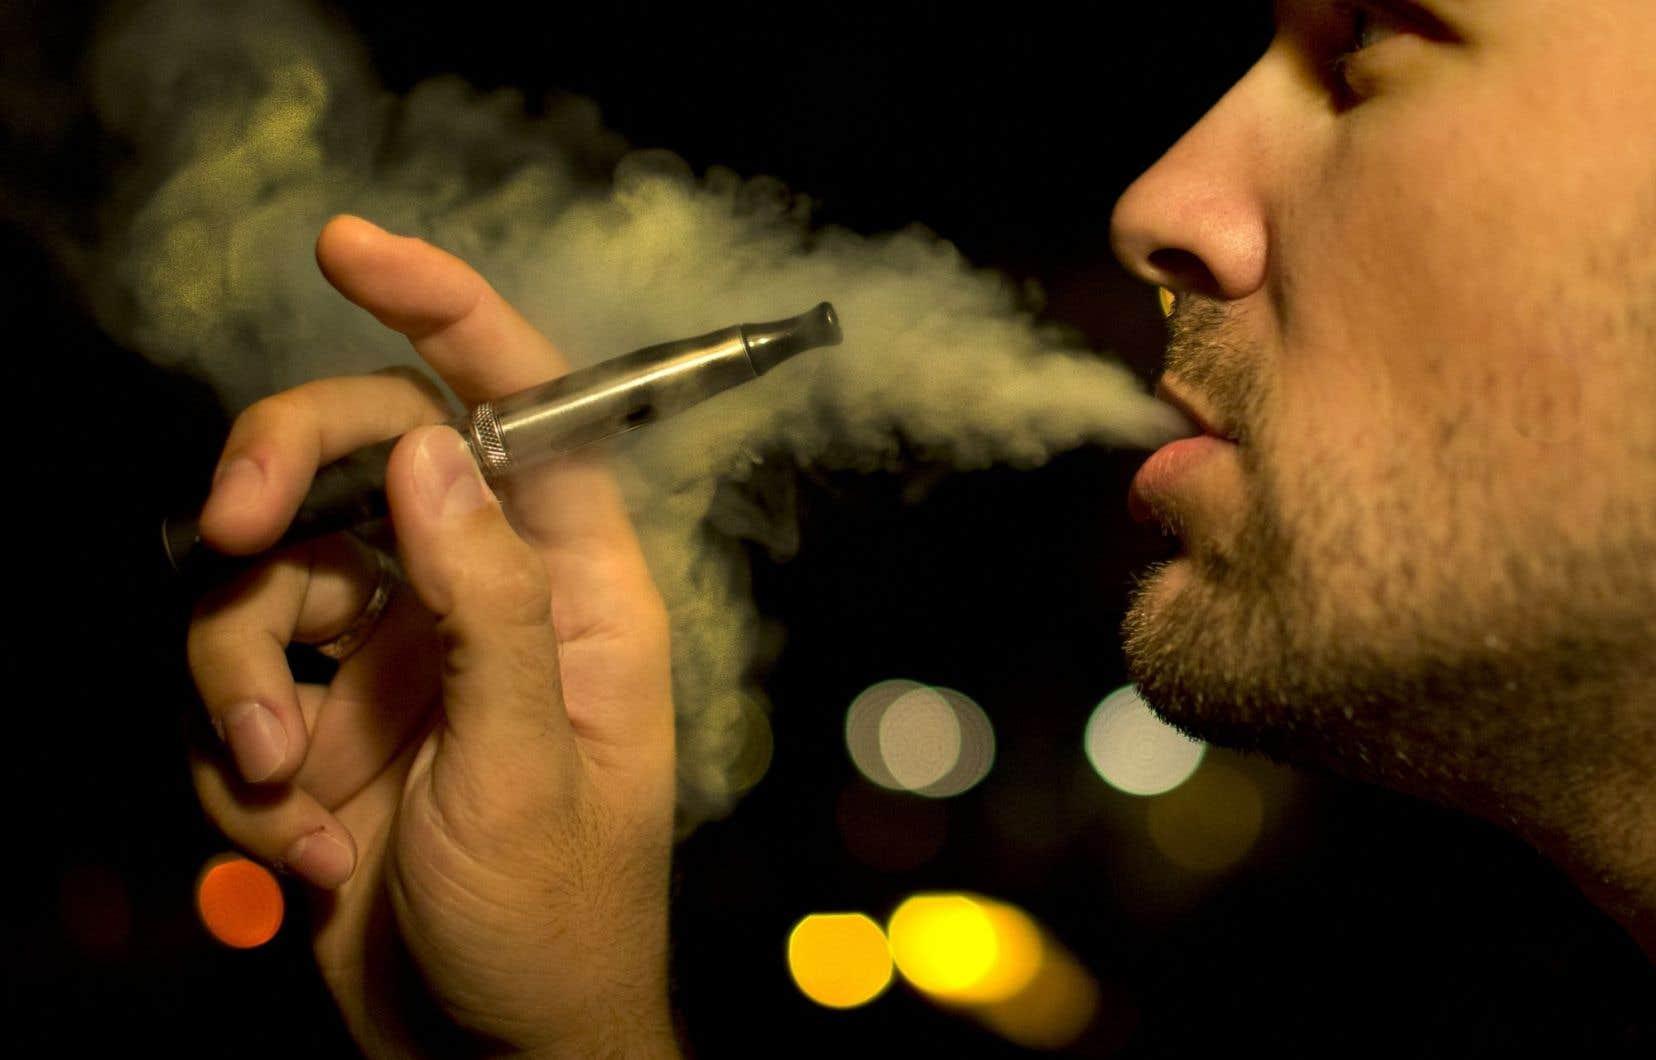 Le projet de loi 44 restreint encore davantage l'usage du tabac en étendant aux terrasses des restaurants et des bars l'interdiction de fumer.